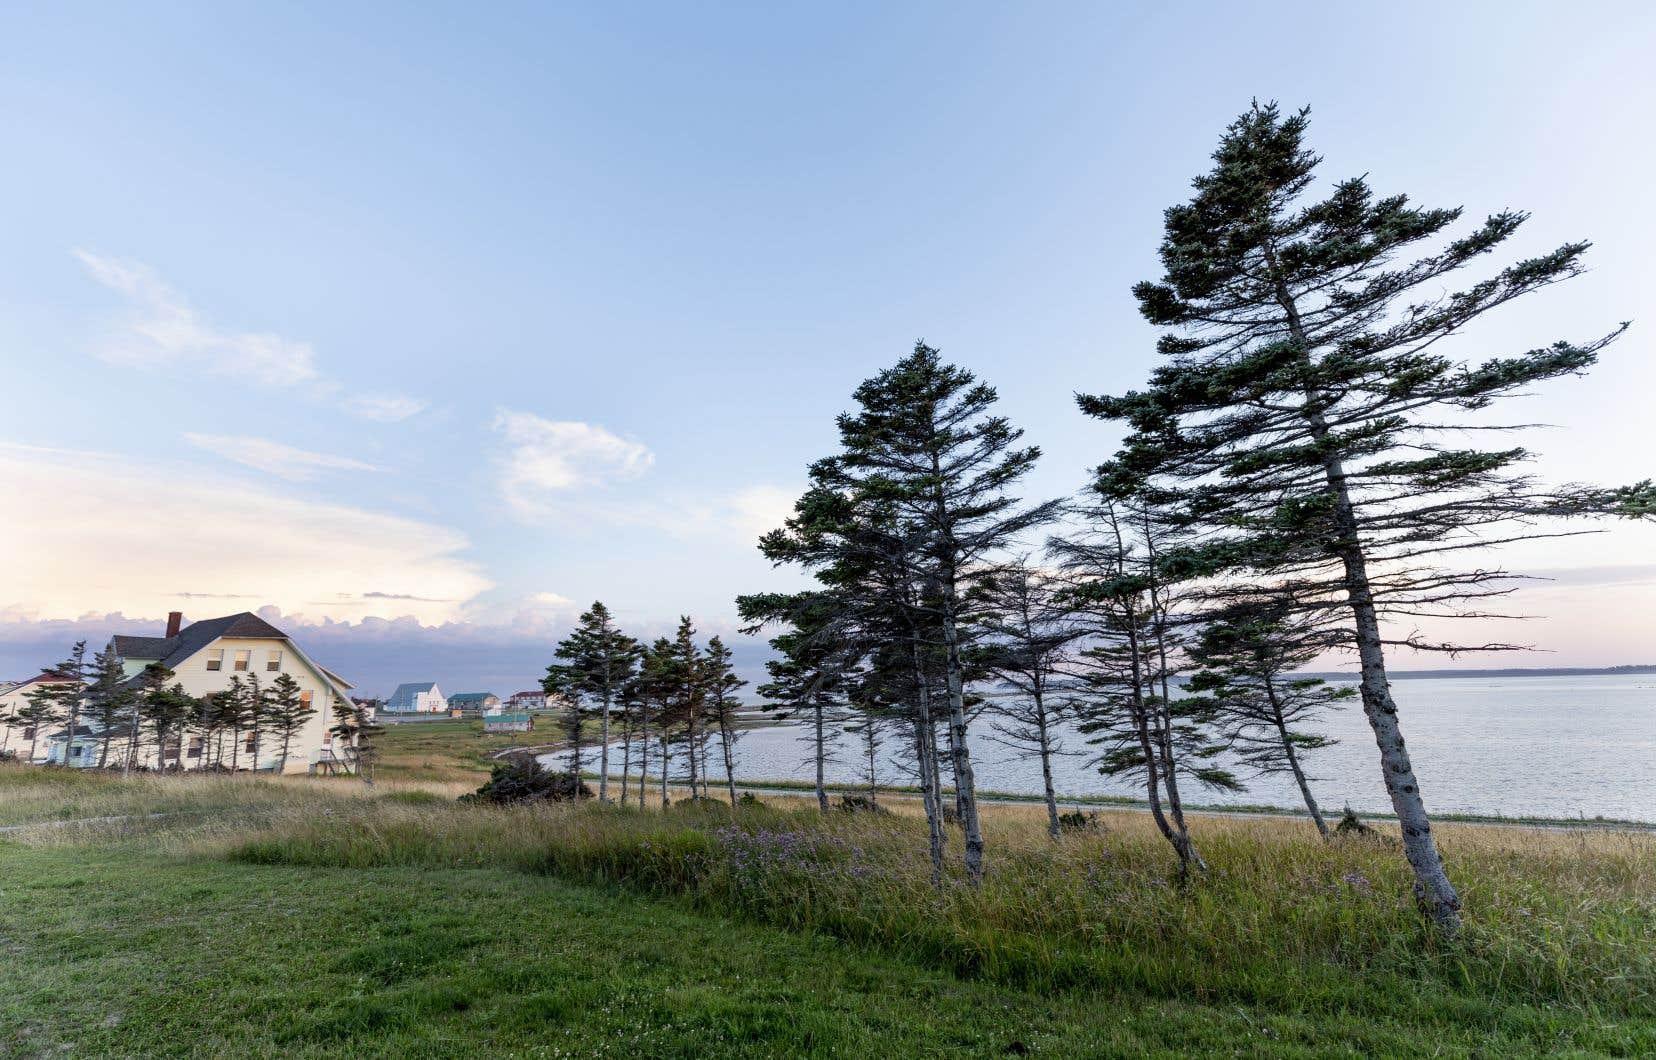 Avec ses villages abandonnés et sa faune exceptionnelle, l'île d'Anticosti deviendra-t-elle l'eldorado des voyageurs en mal d'exotisme?